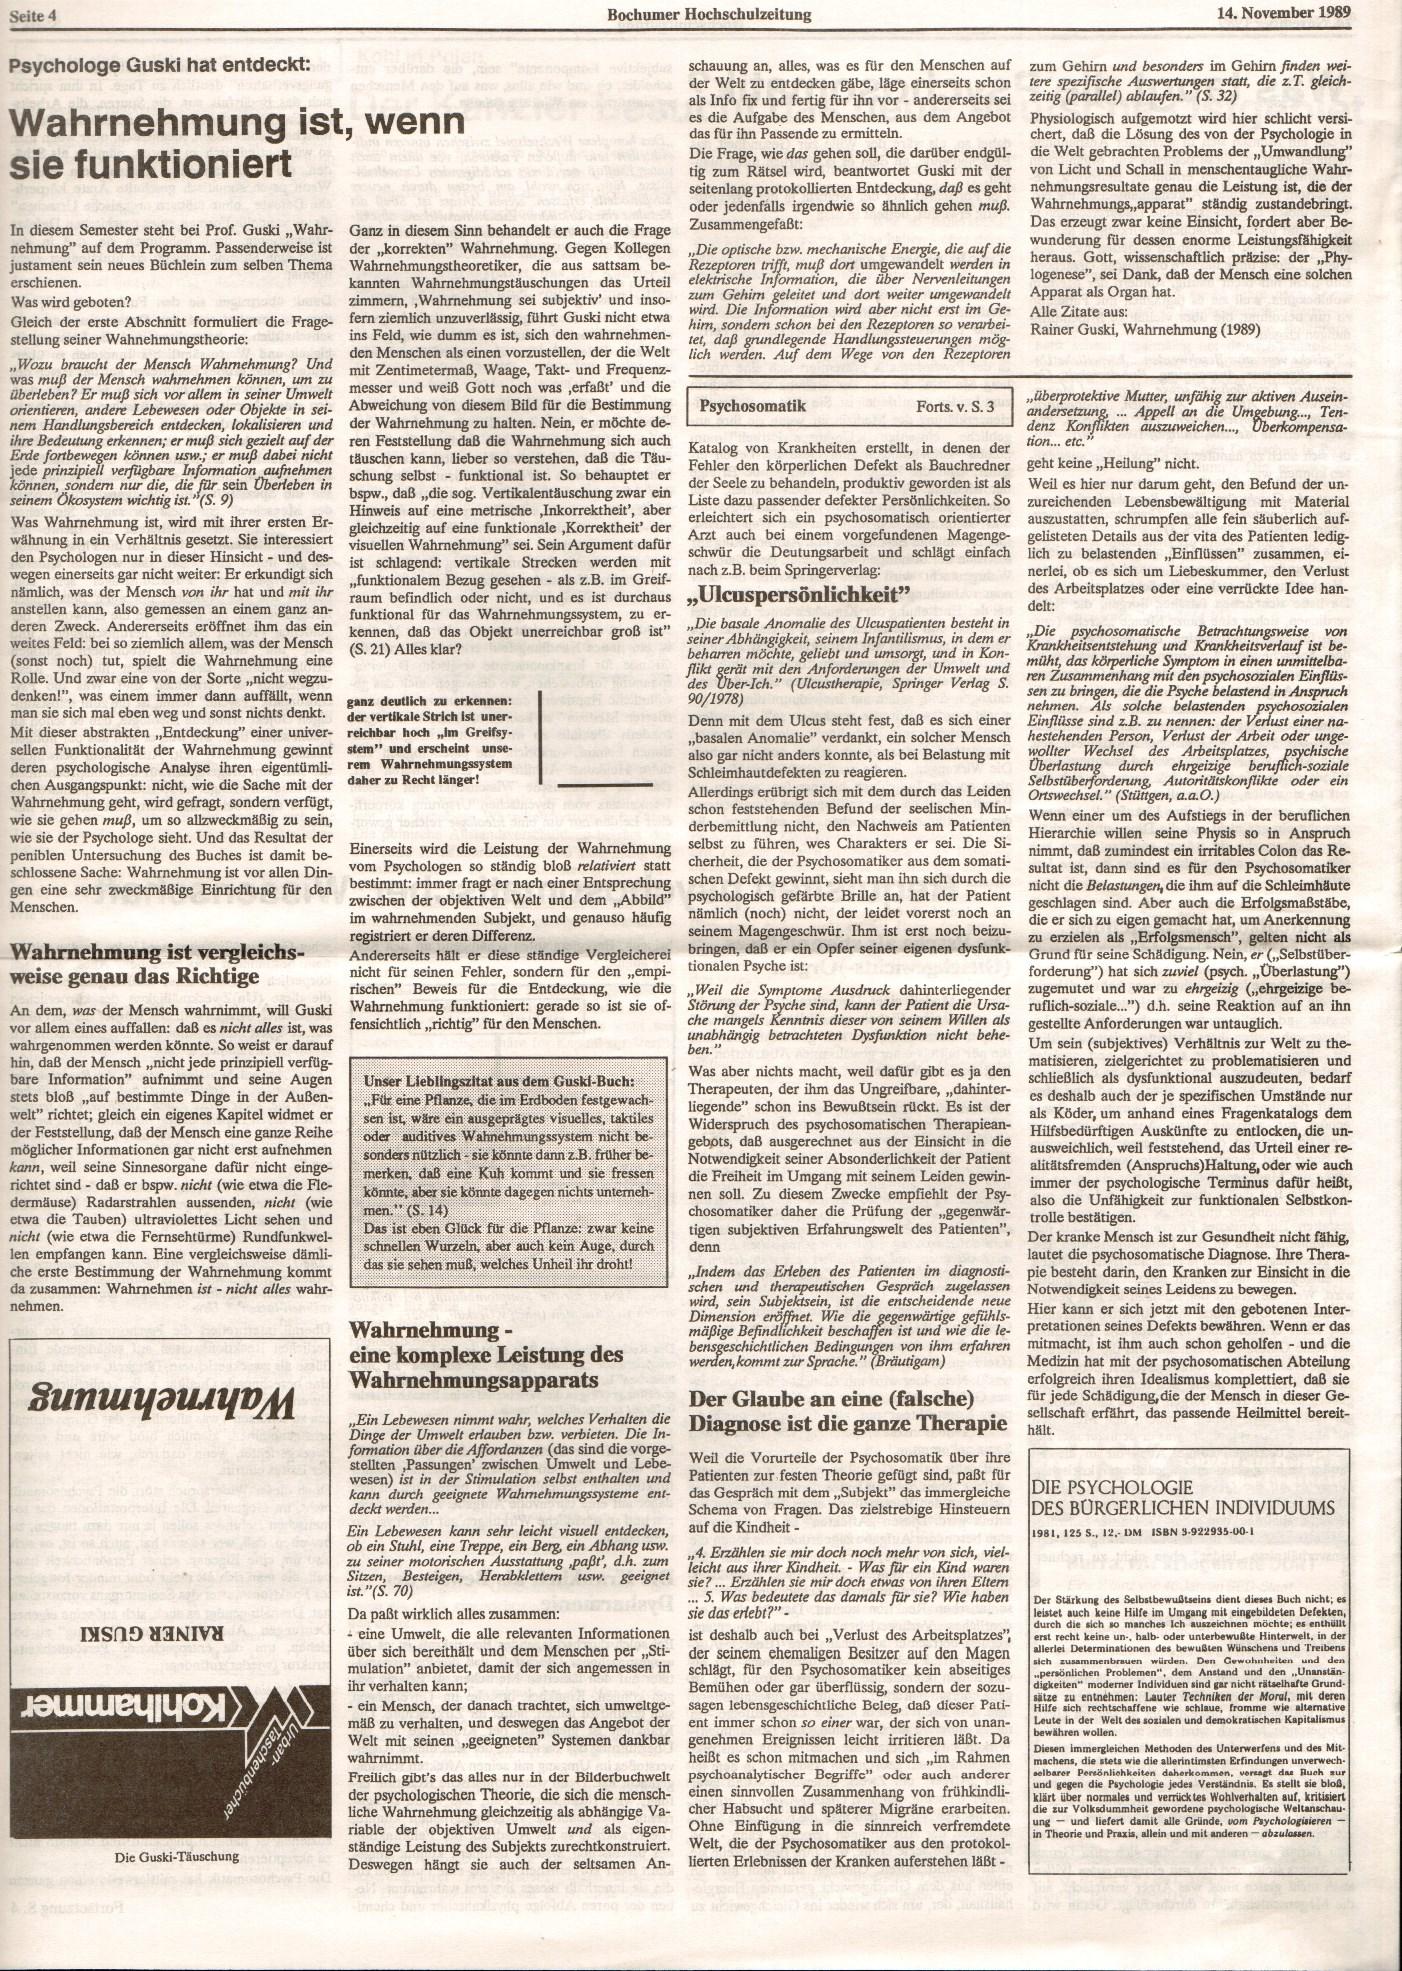 MG_Bochumer_Hochschulzeitung_19891114_04